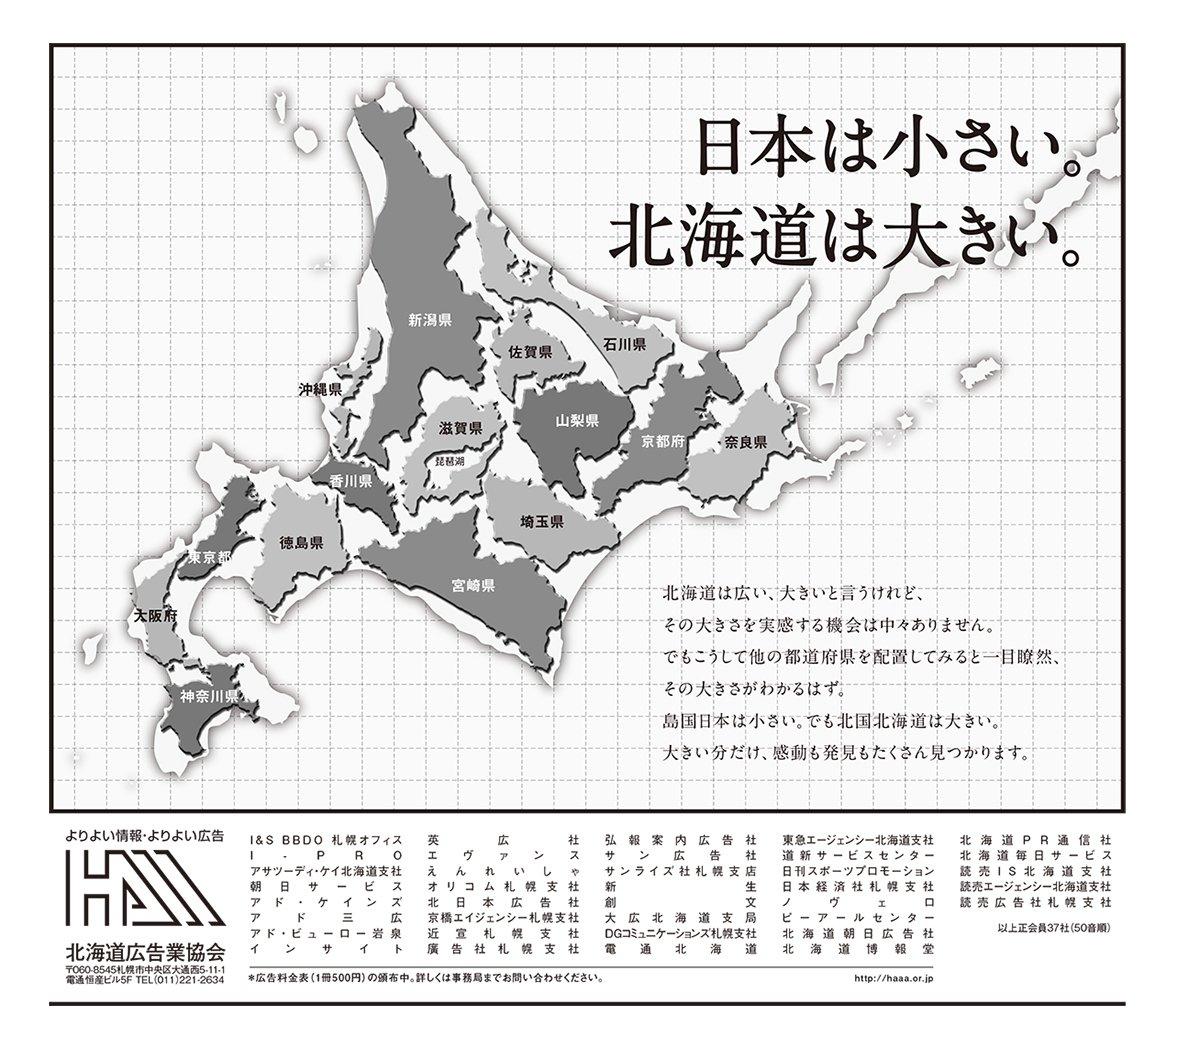 北海道と他の都道府県と比較